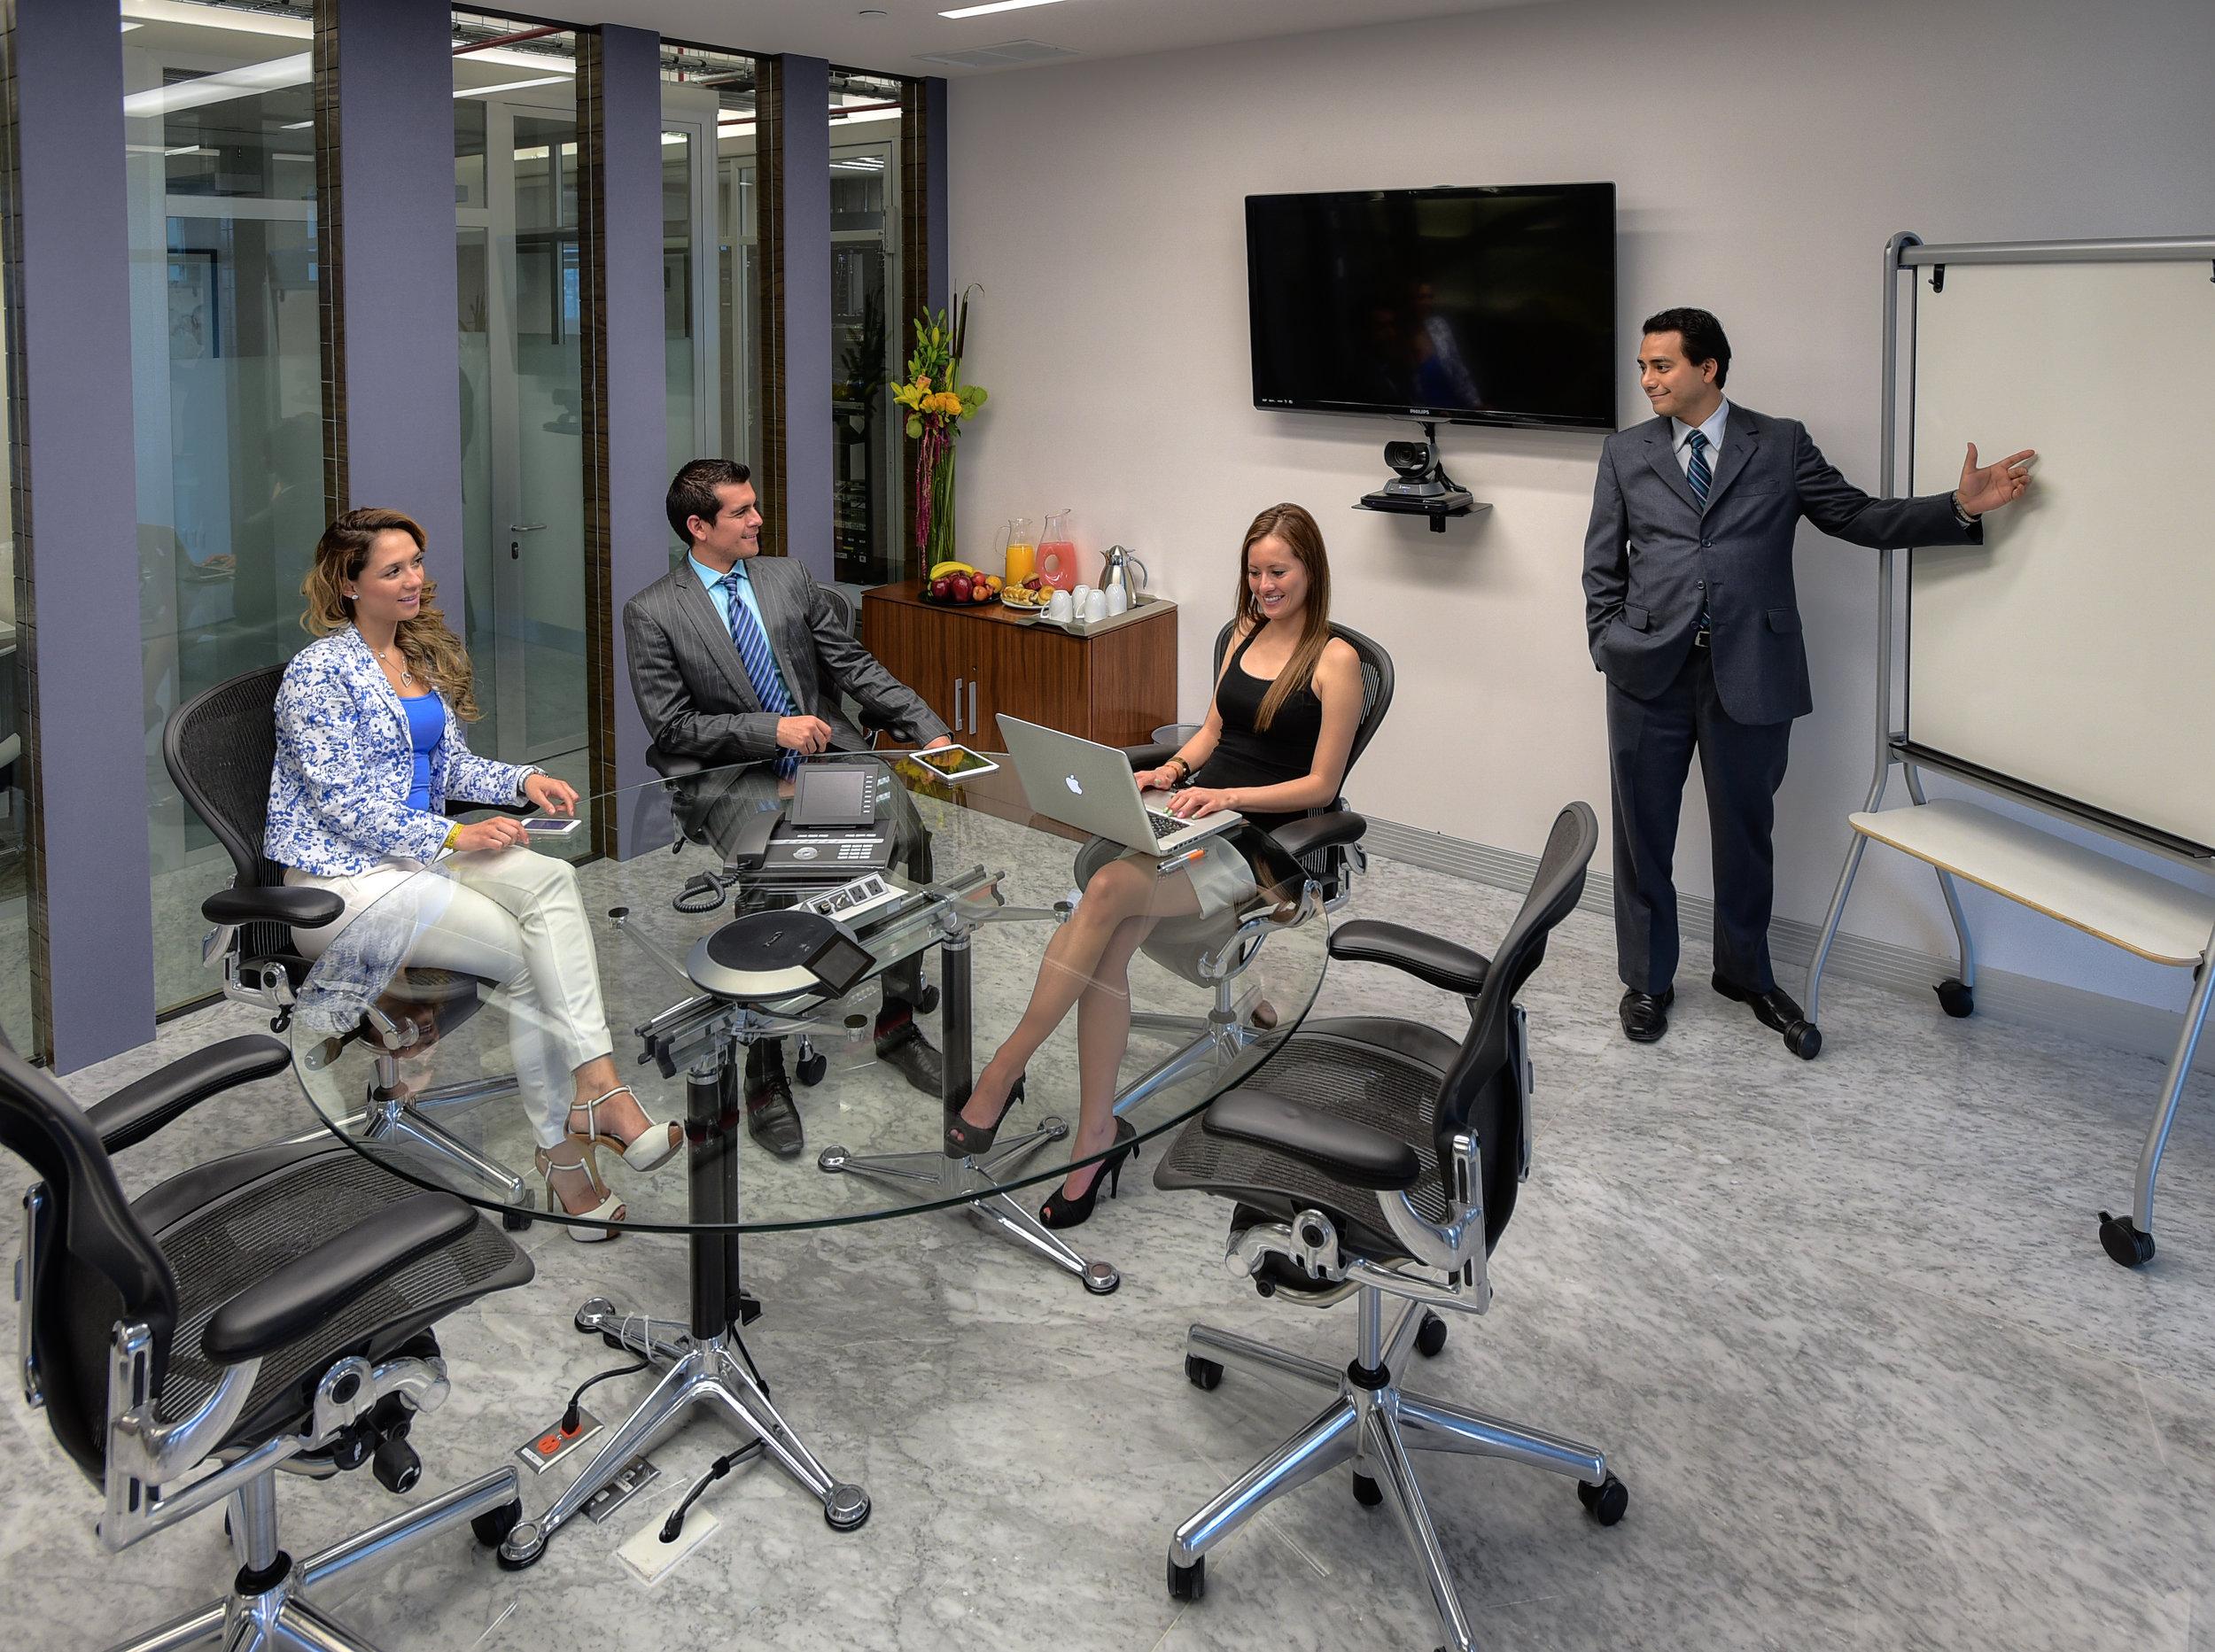 025_executive room_ang.jpg